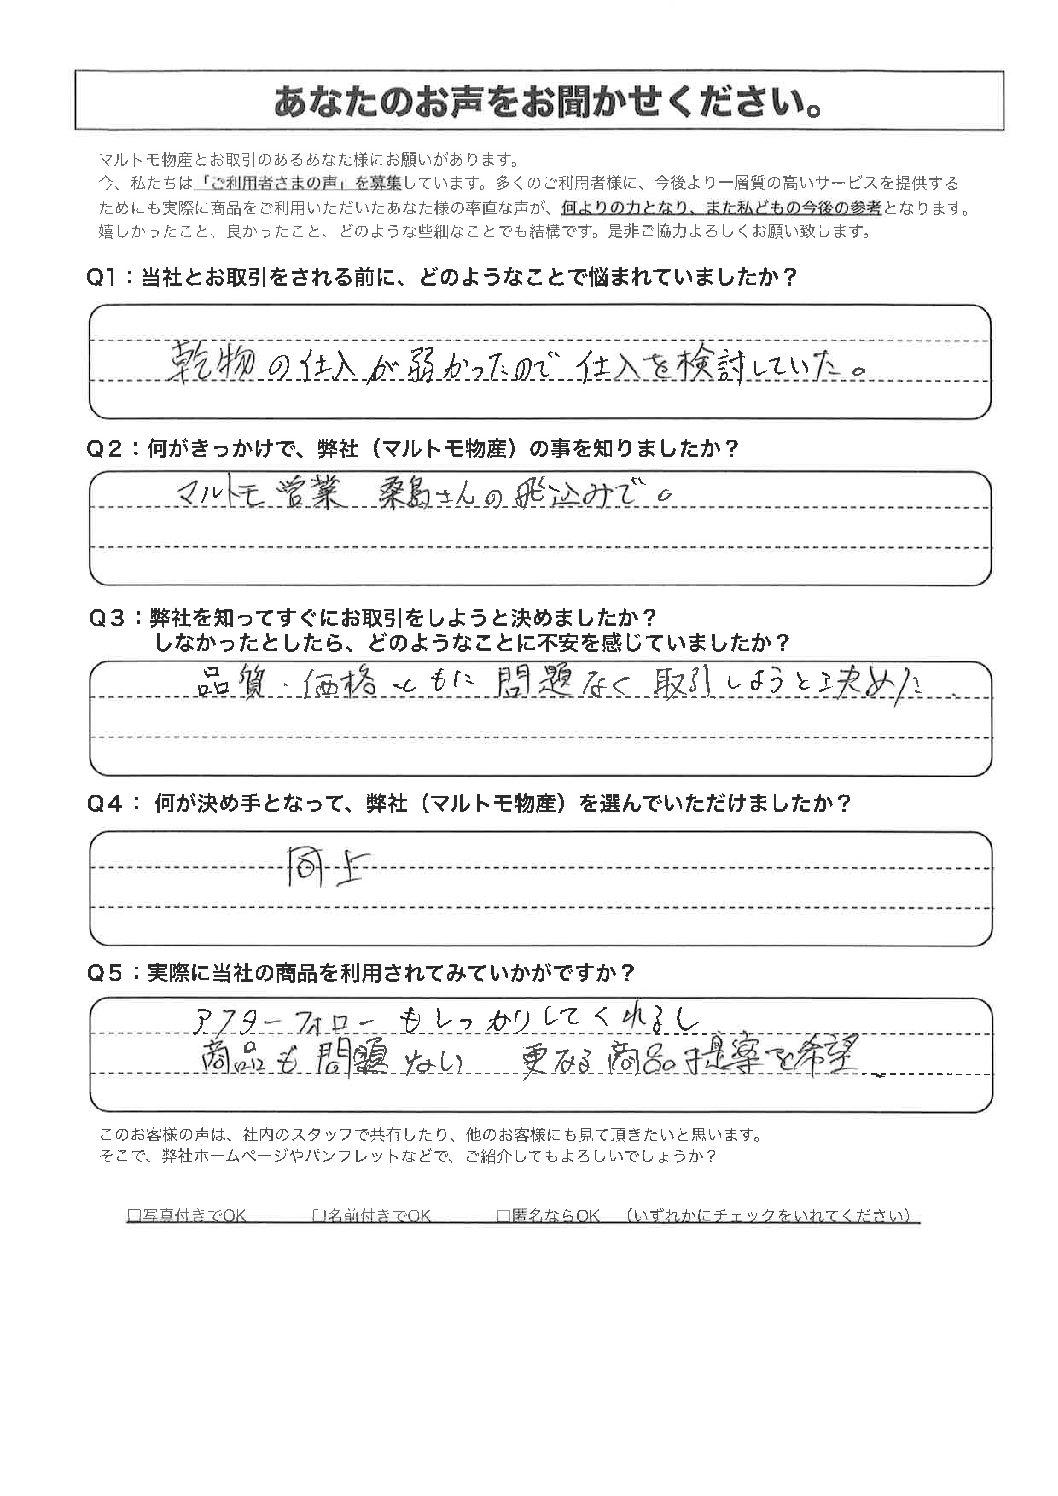 山形県 惣菜加工 S社様